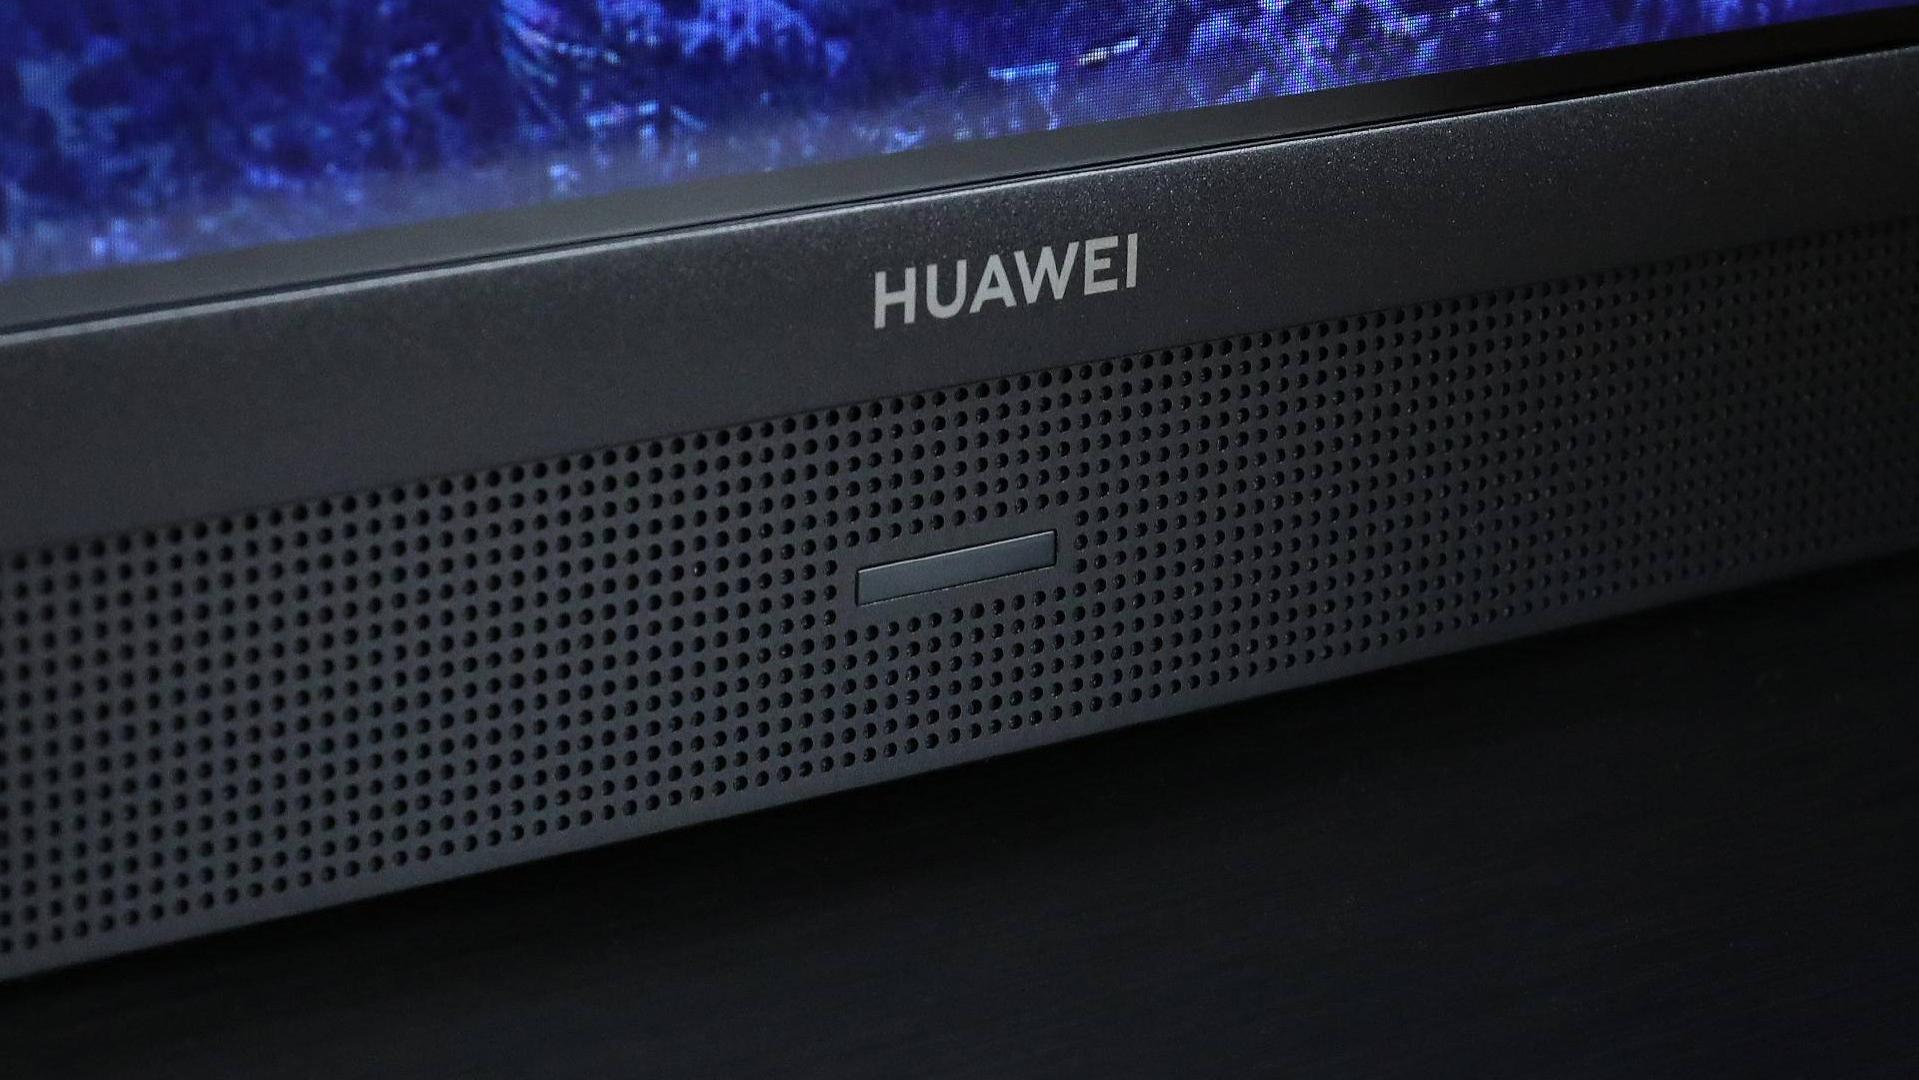 华为智慧屏 V55i 评测:鸿蒙OS提升智慧体验,让电视不只是电视